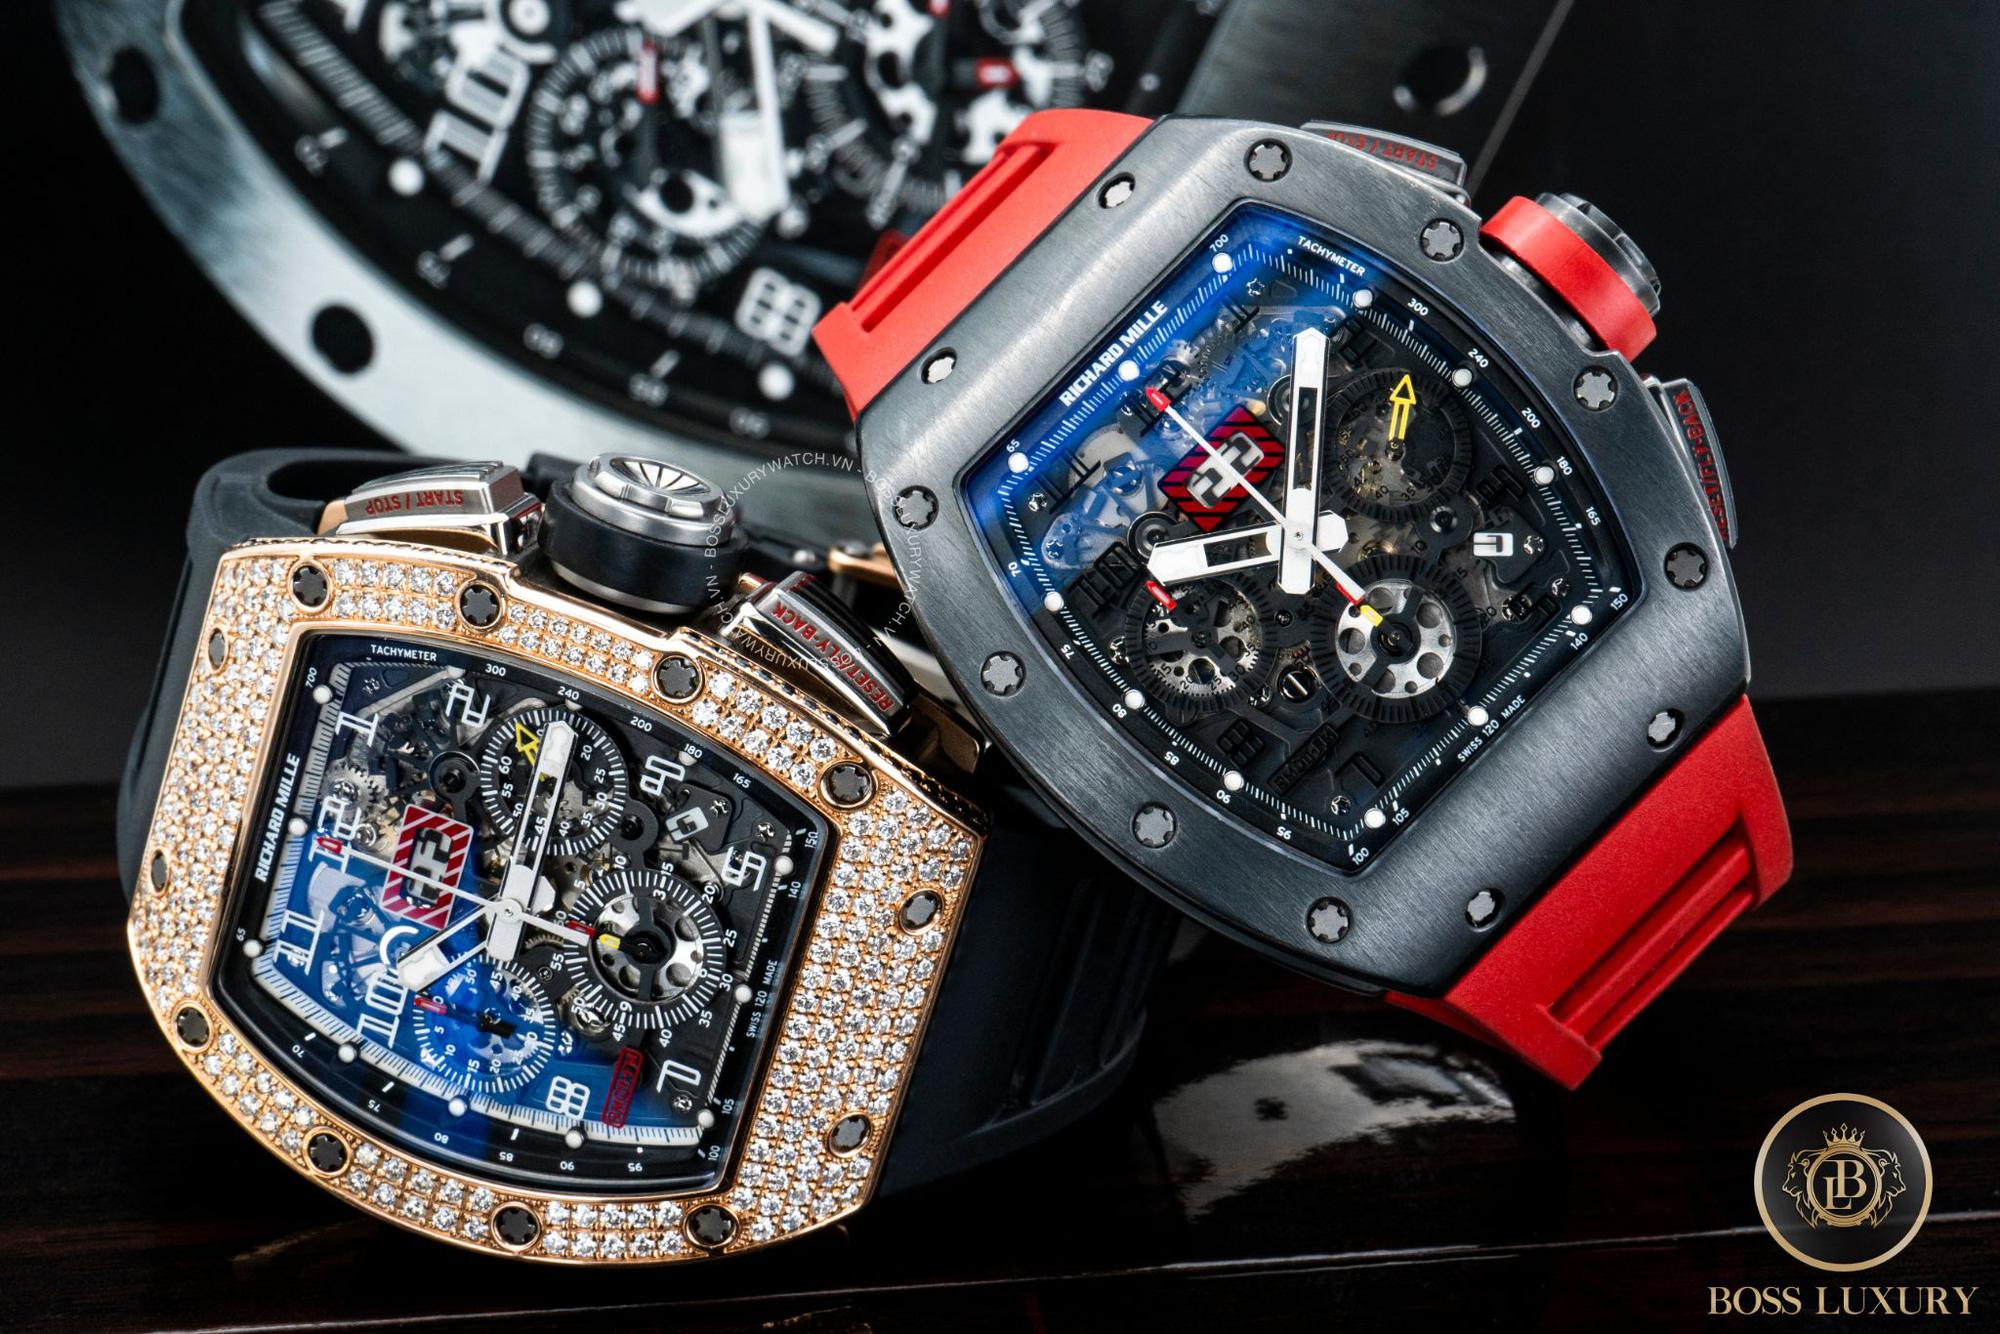 Đồng hồ Richard Mille và những dấu ấn khó quên tại Boss Luxury trong 4 tháng đầu năm 2021 - Ảnh 4.